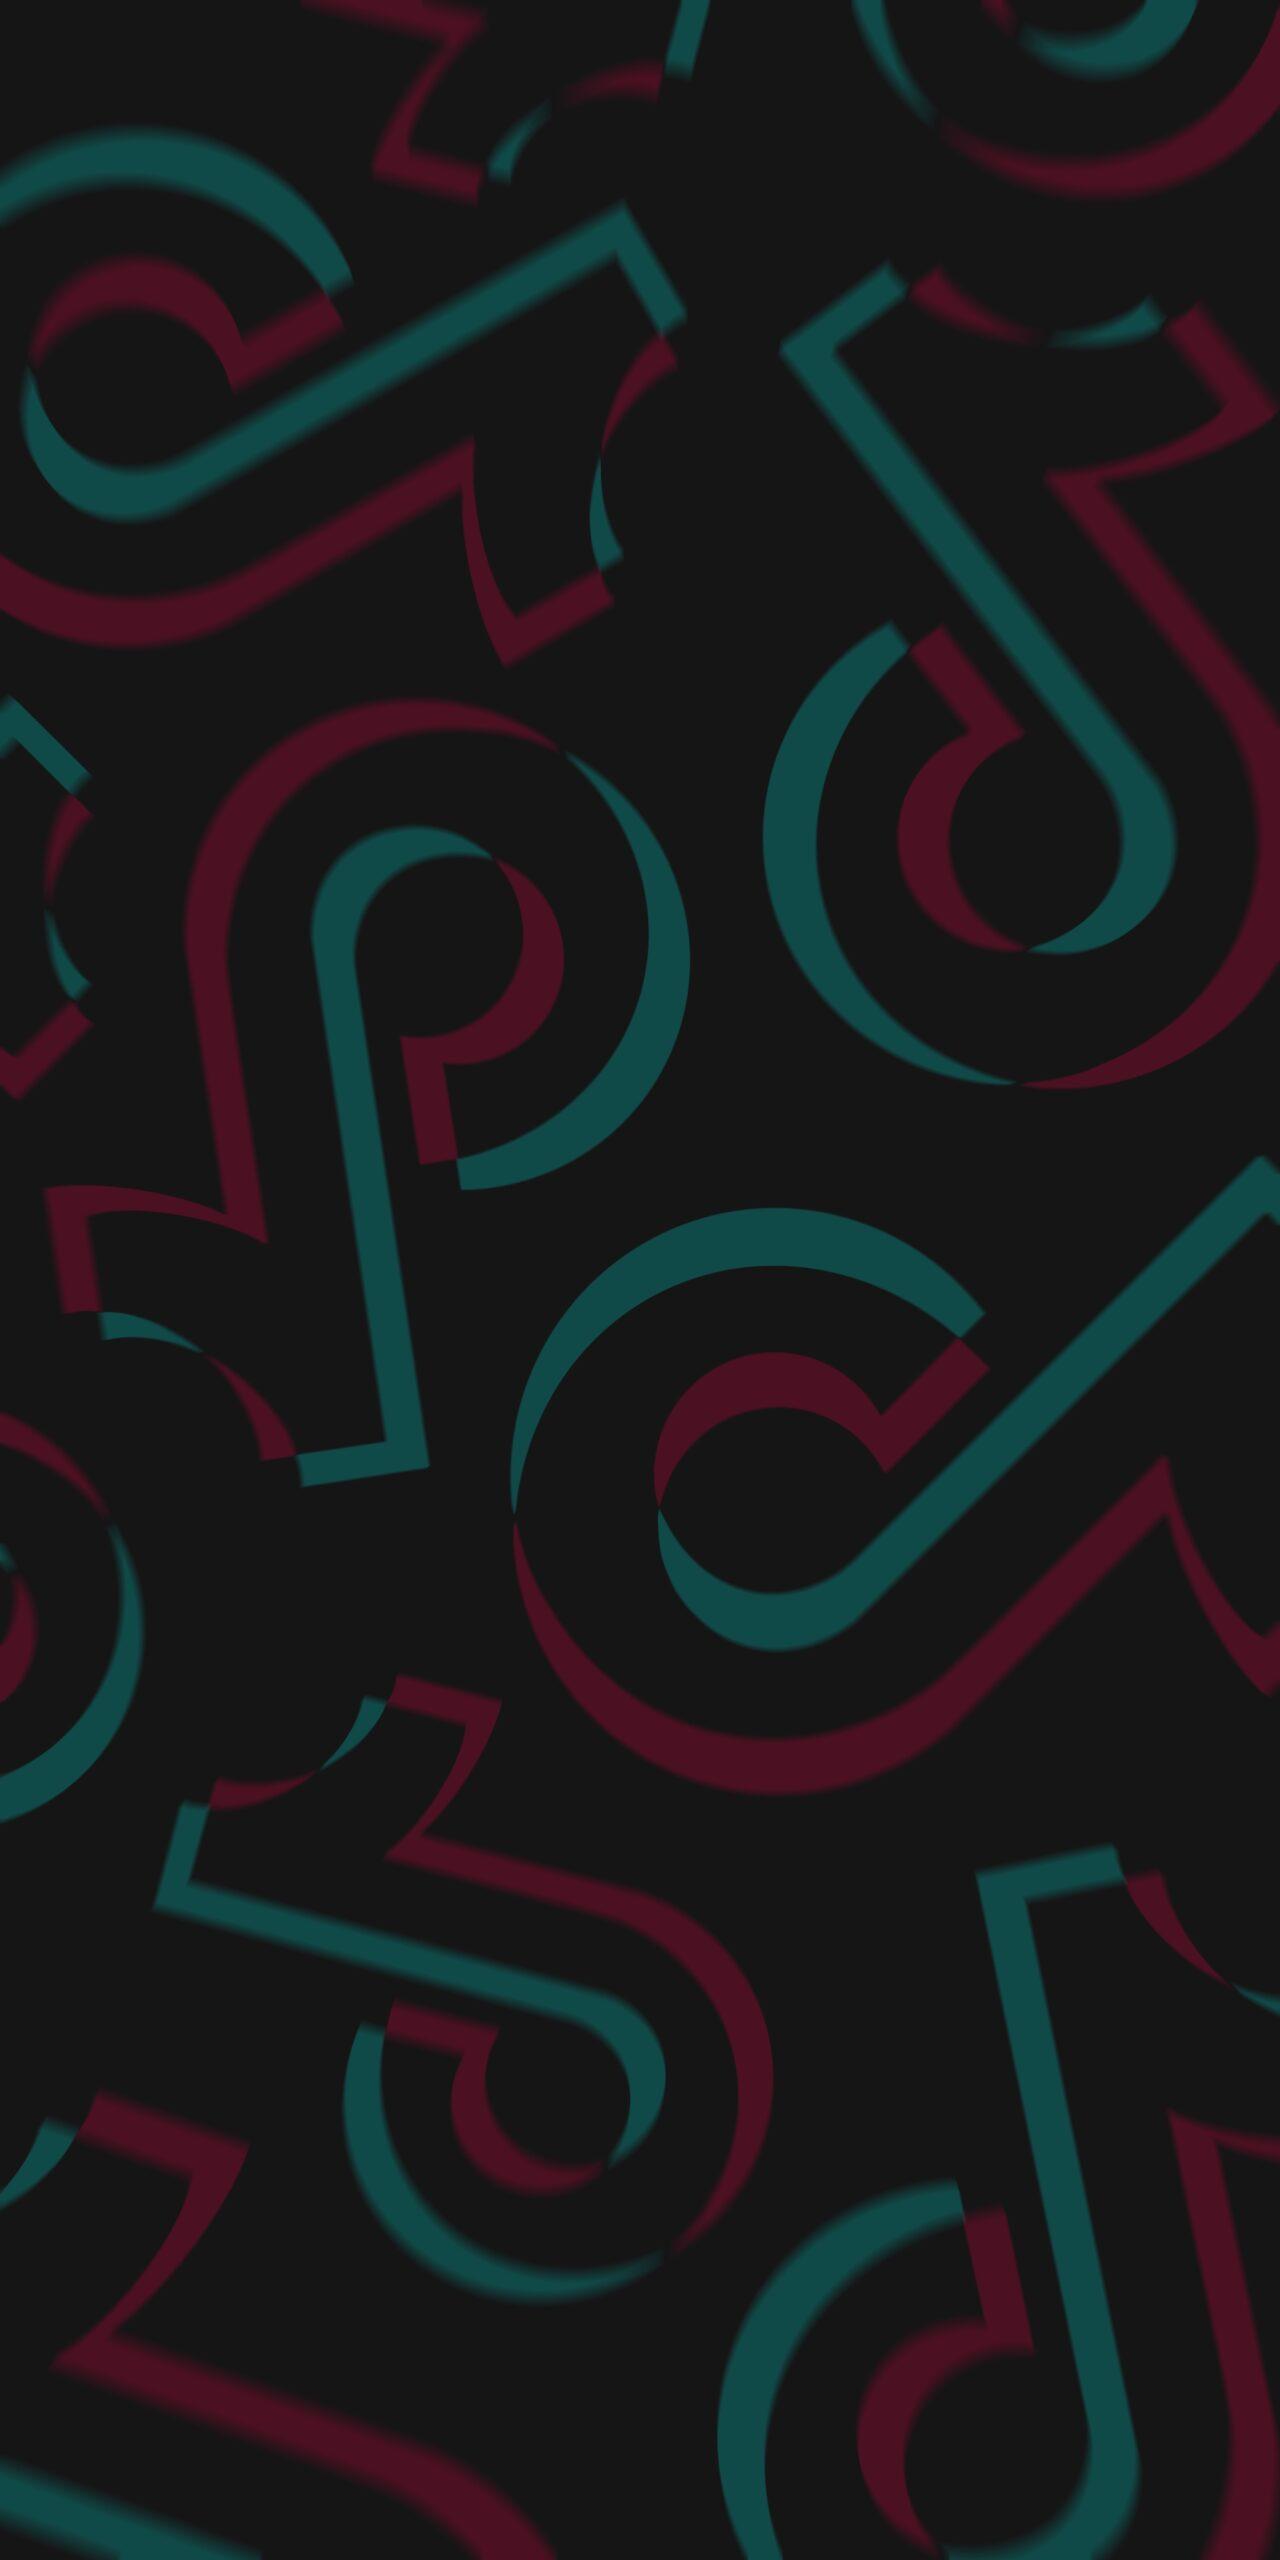 tik tok logo black background wallpaper